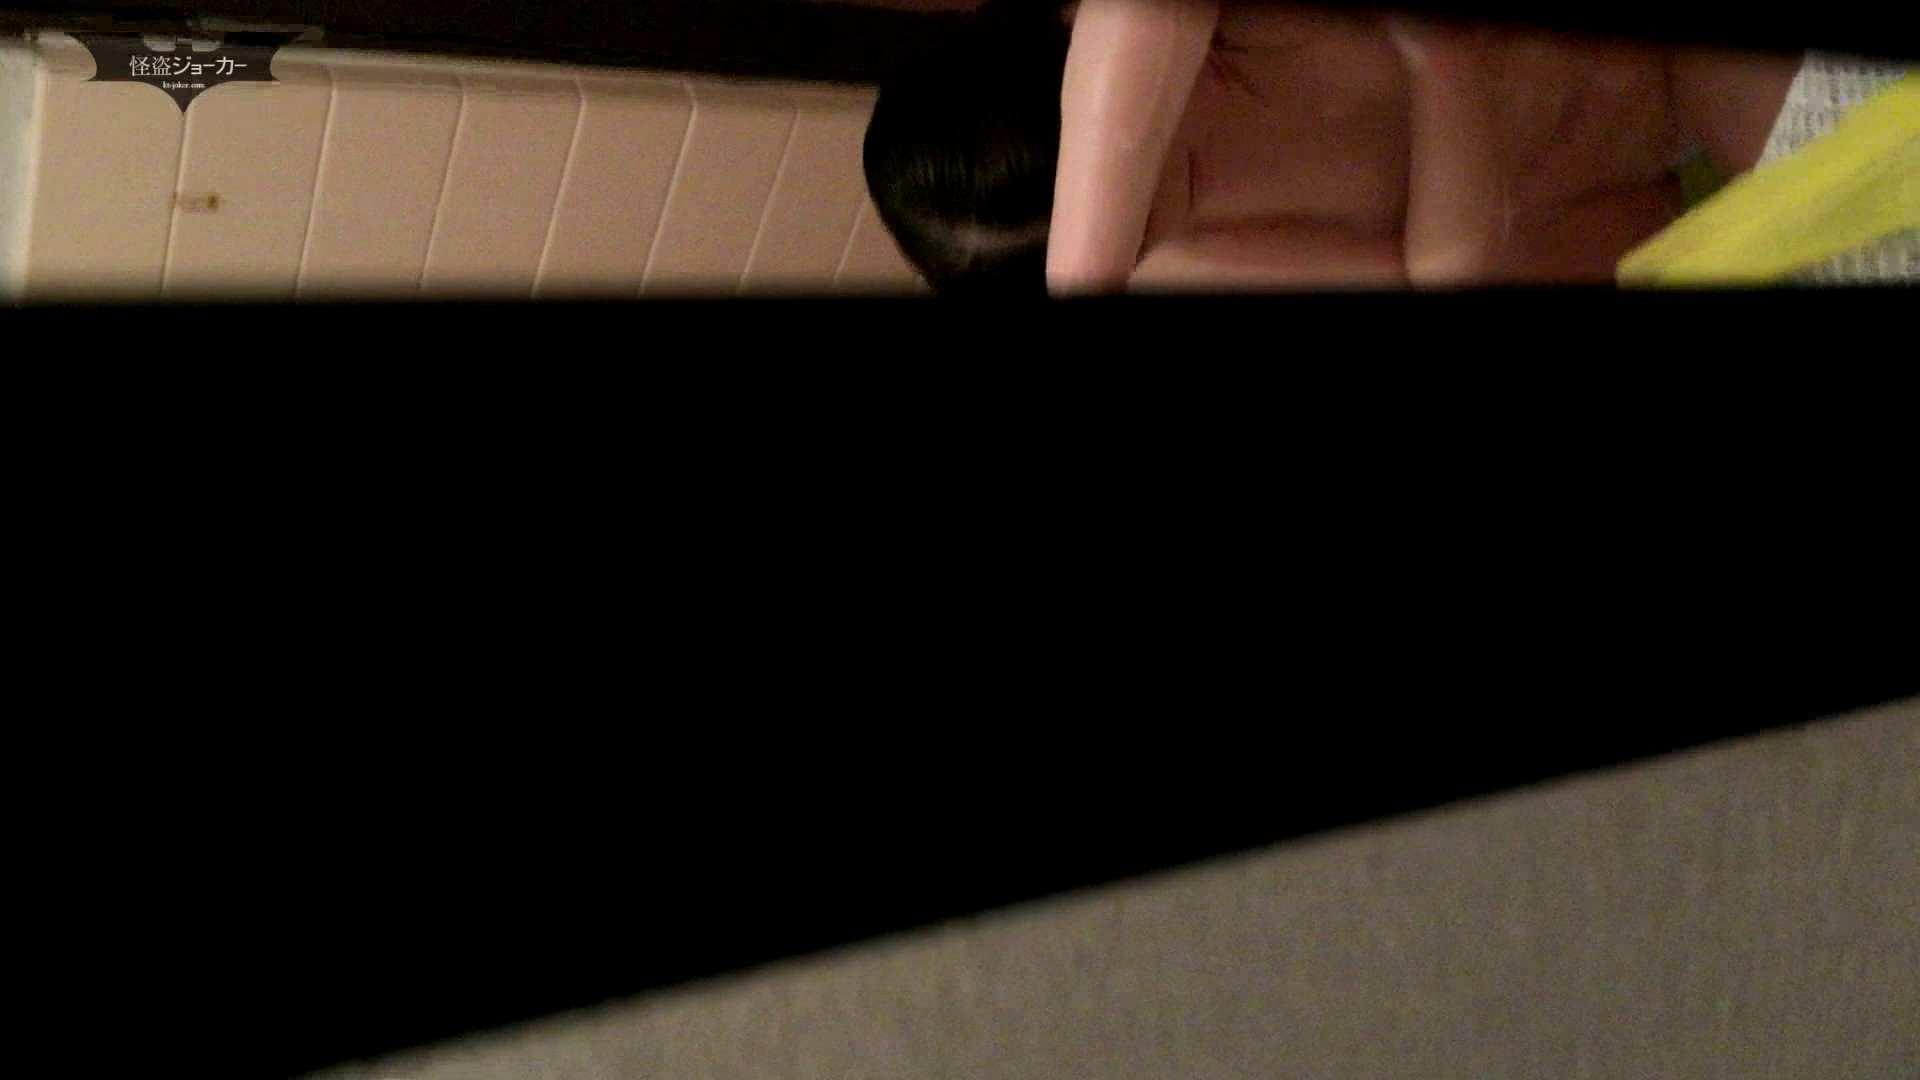 リアルインパクト盗撮~入浴編 Vol.01 お姉さんのボディ | 入浴中の女性  54PIX 37